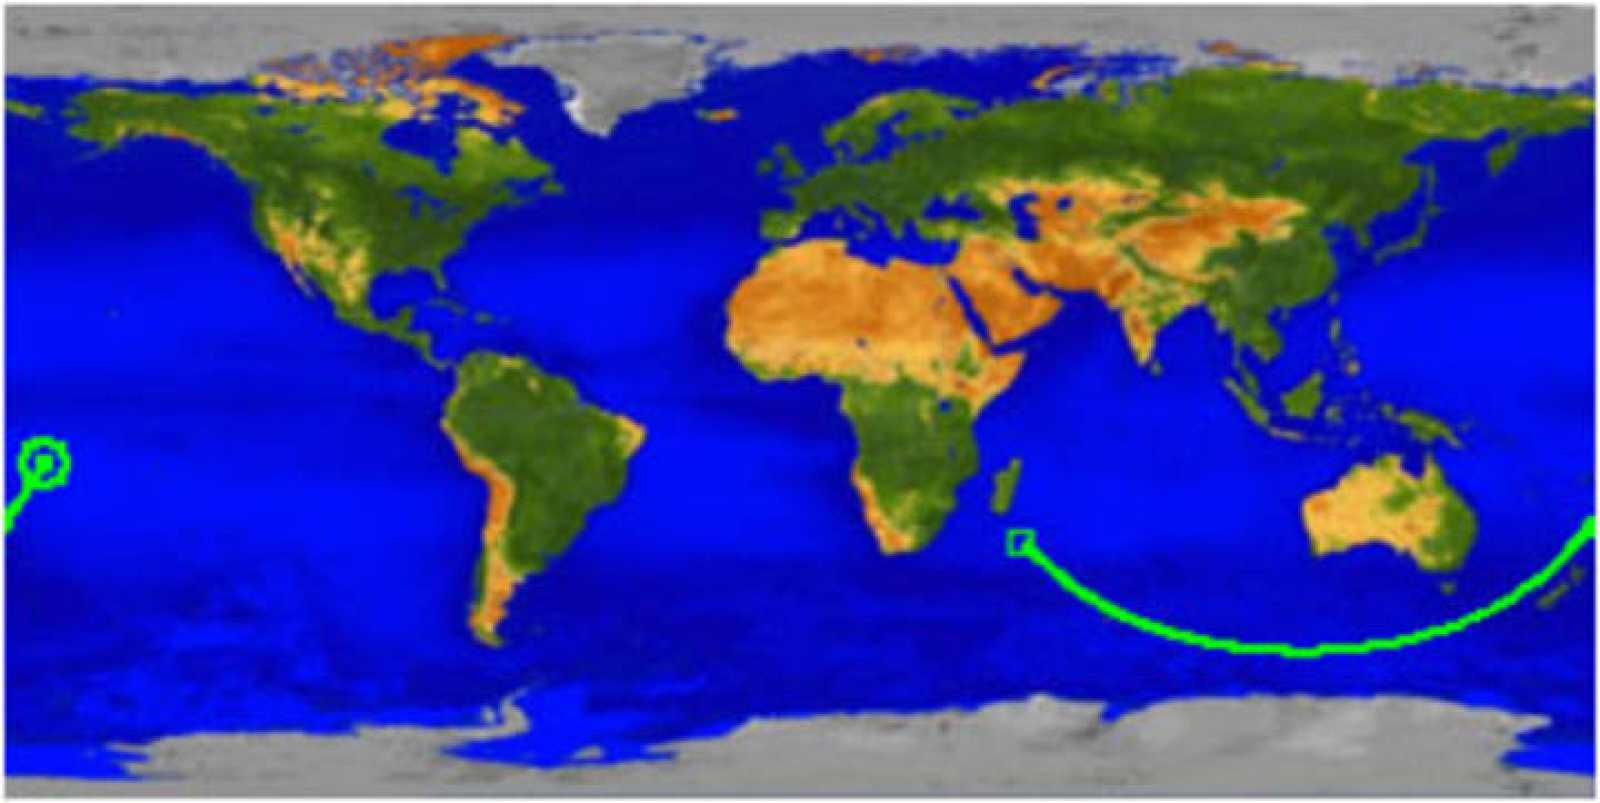 La NASA explica que el satélite entró en la atmósfera sobre el Pacífico Sur a 14,1 grados latitud sur y 170,2 grados longitud este.